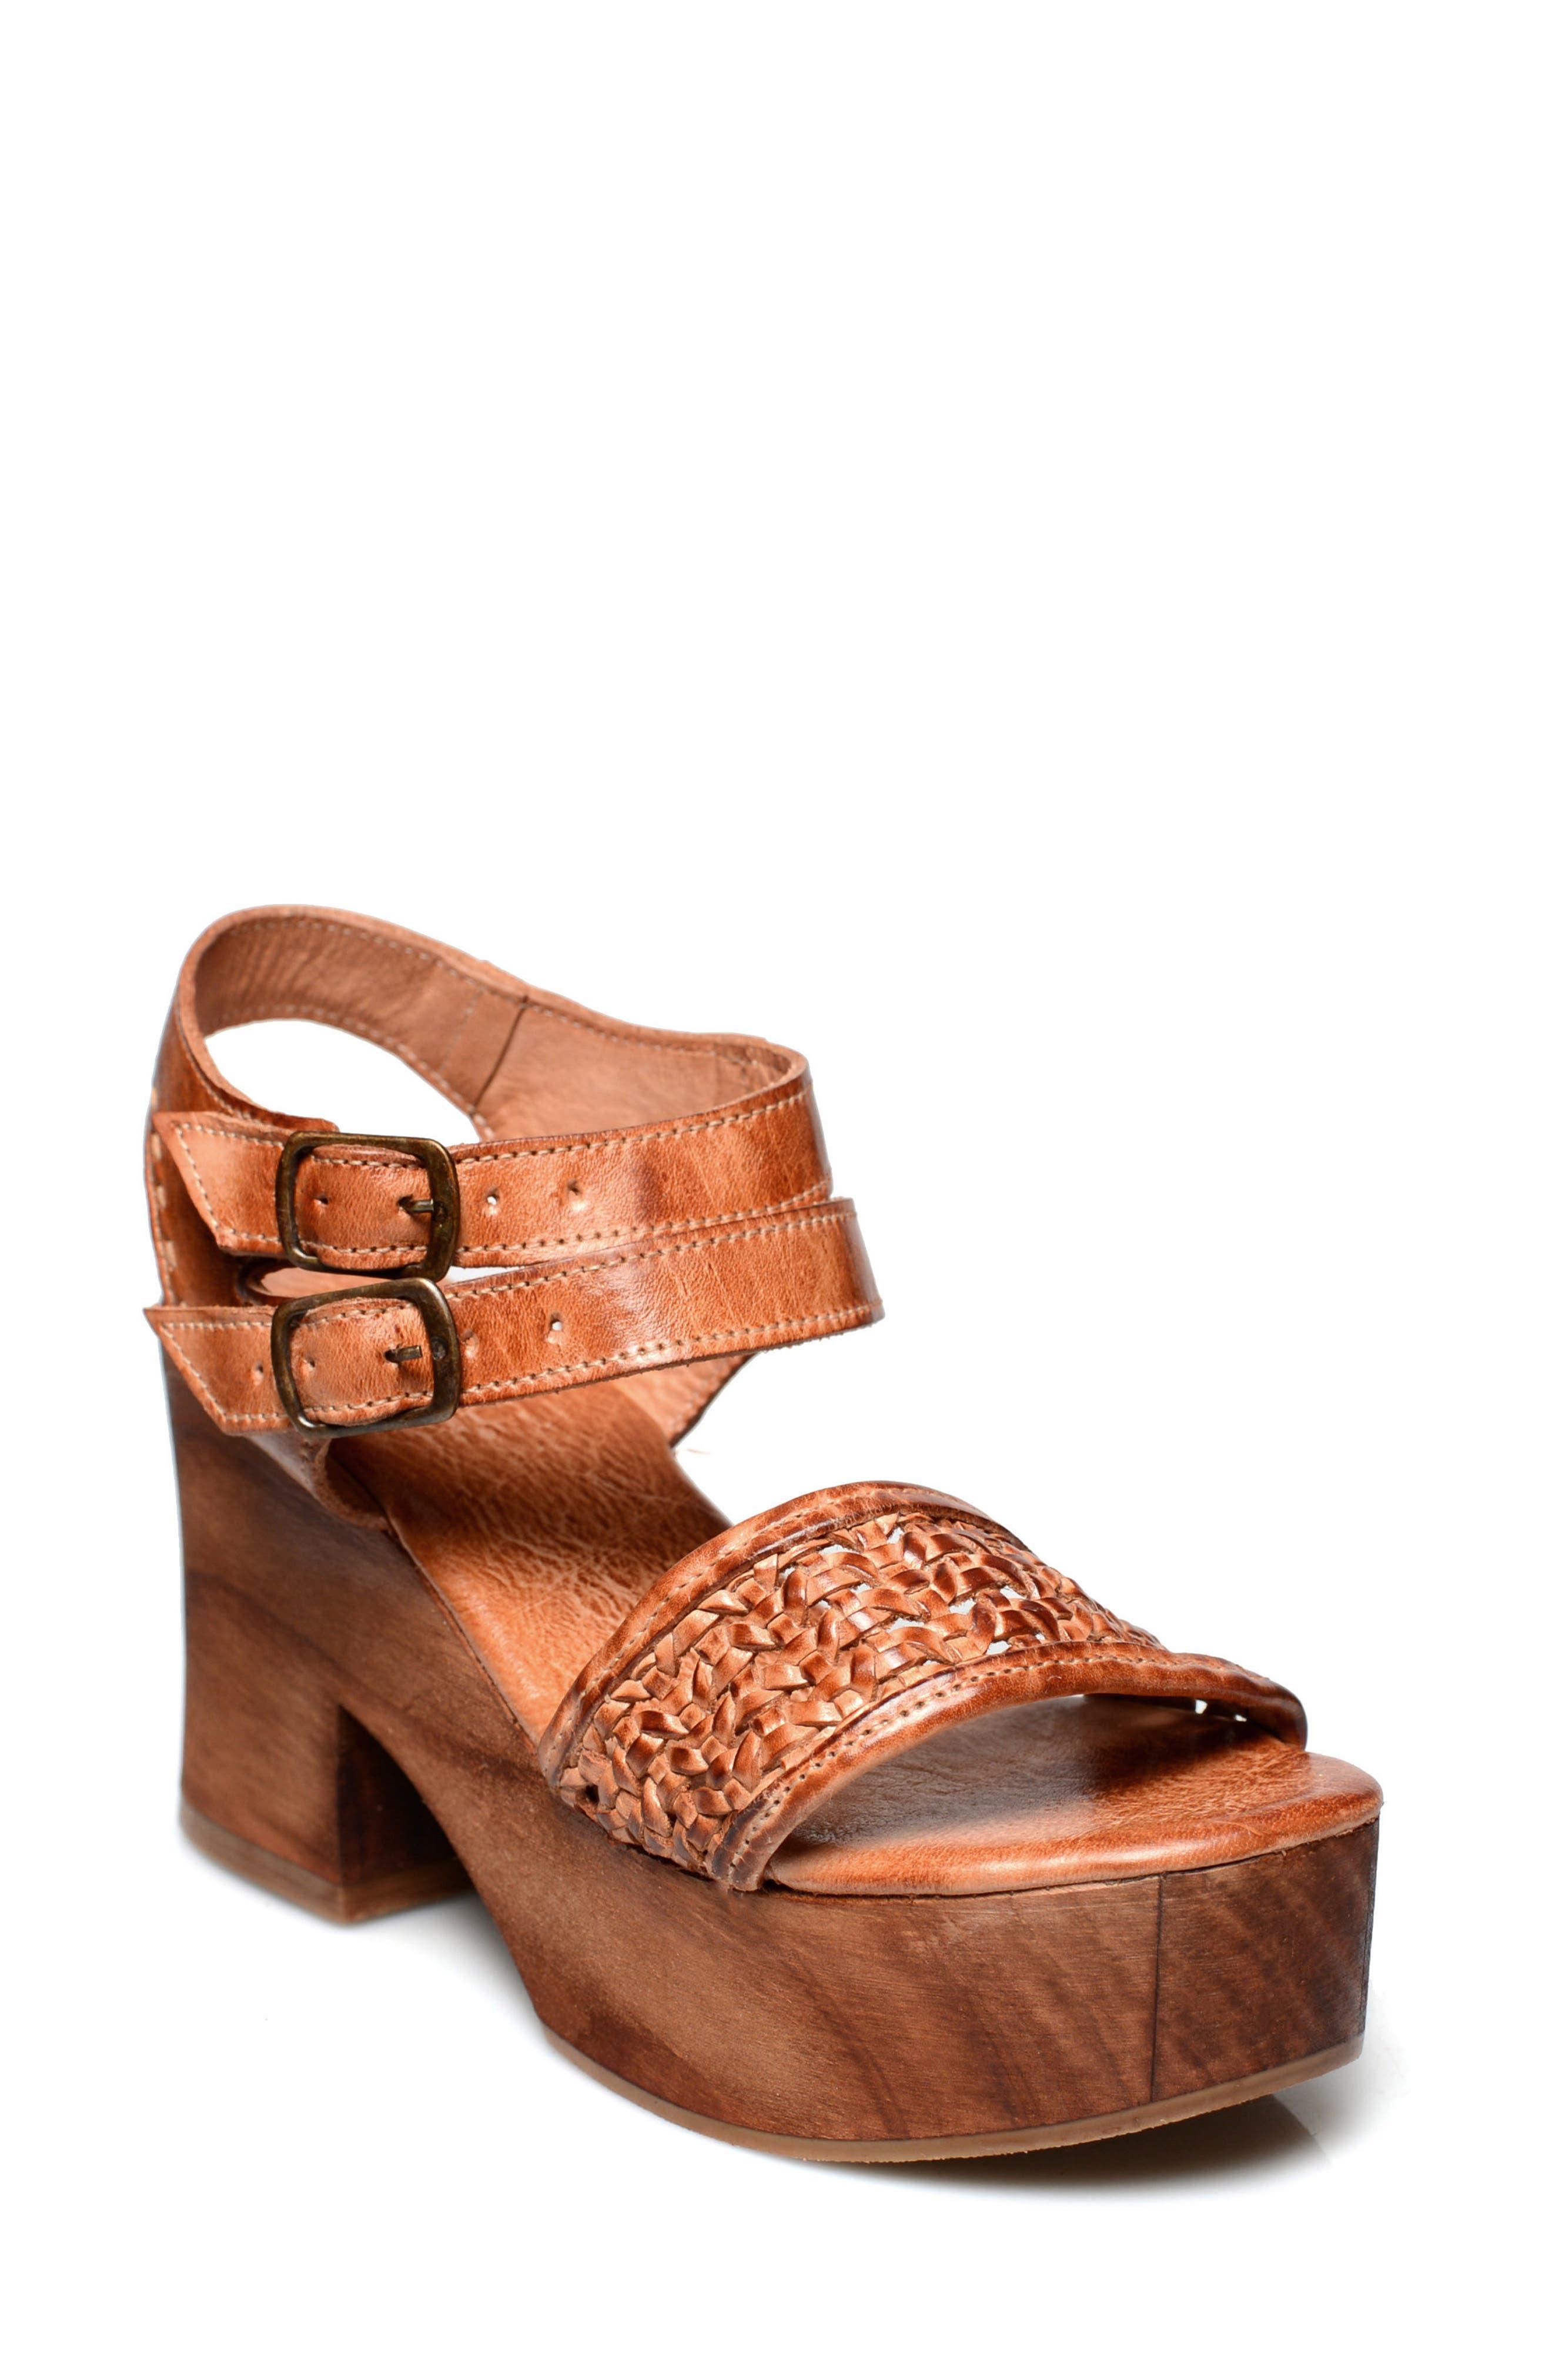 Kenya Platform Sandal,                         Main,                         color, COGNAC LEATHER